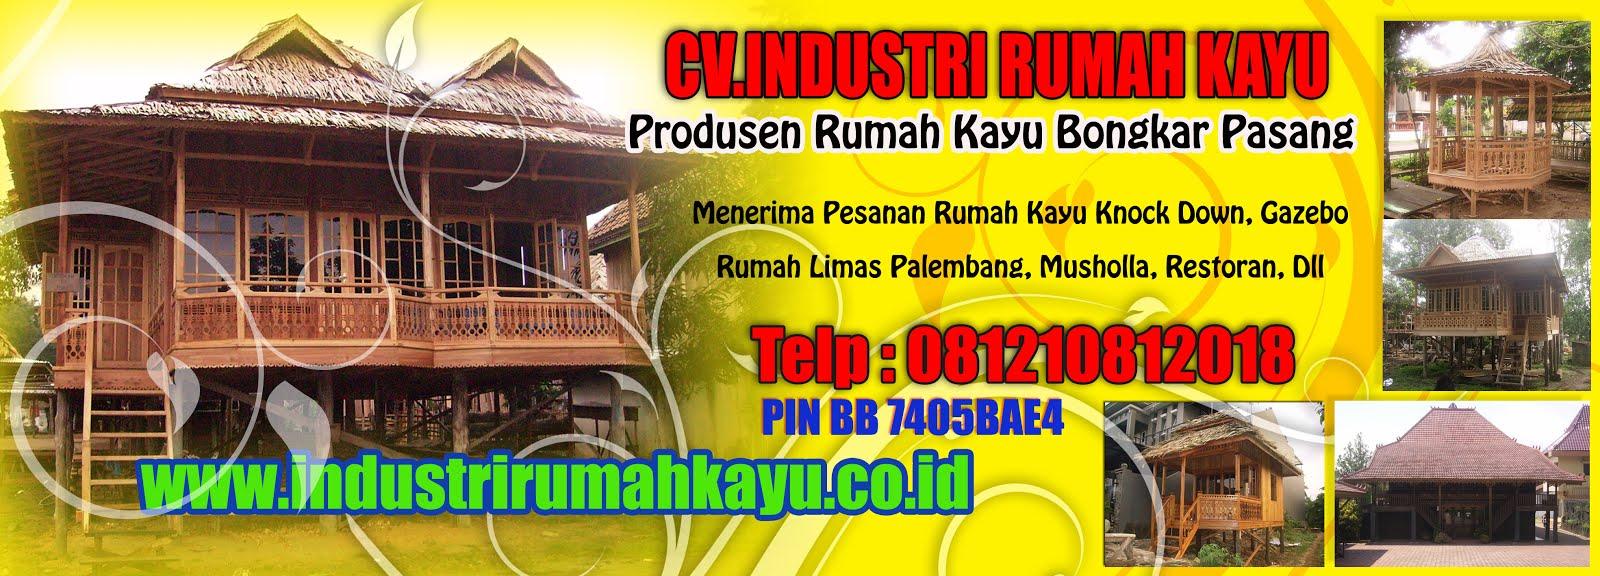 Industri Rumah kayu